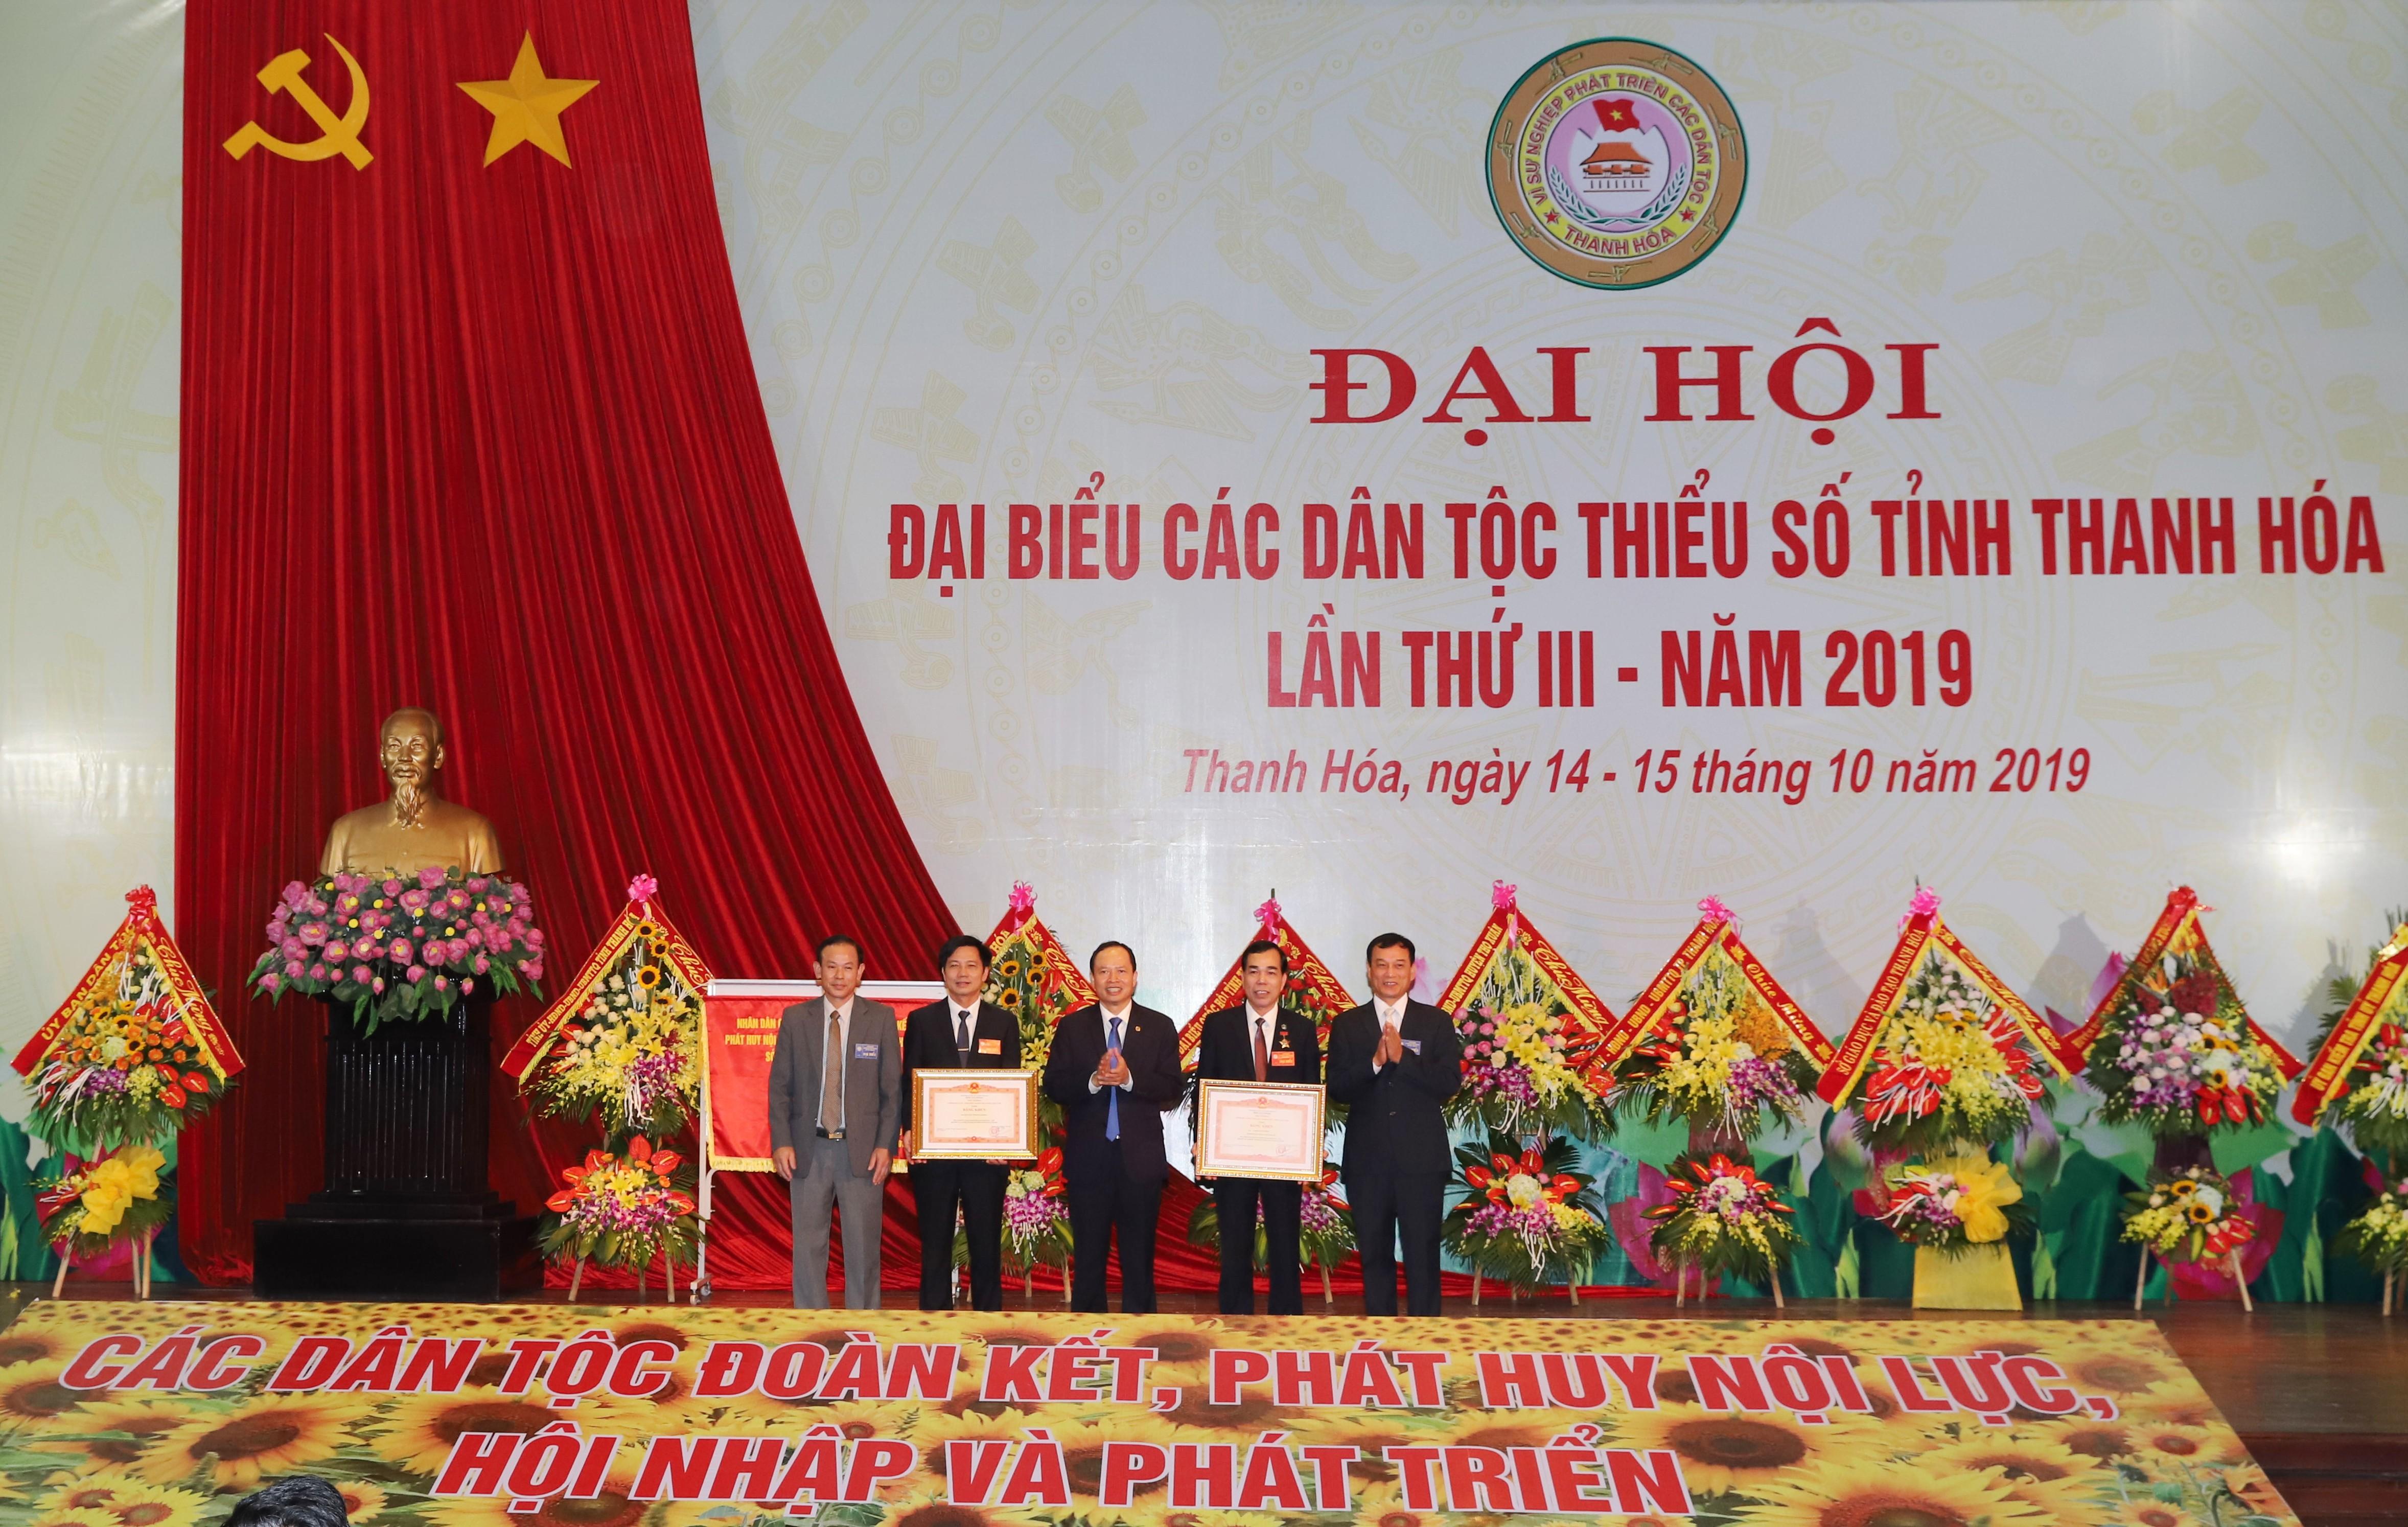 Ông Trịnh Văn Chiến, Ủy viên Trung ương Đảng, Bí thư Tỉnh ủy Thanh Hóa trao Bằng khen của Thủ Tướng Chính Phủ cho 1 tập thể và 1 cá nhân tiêu biểu xuất sắc